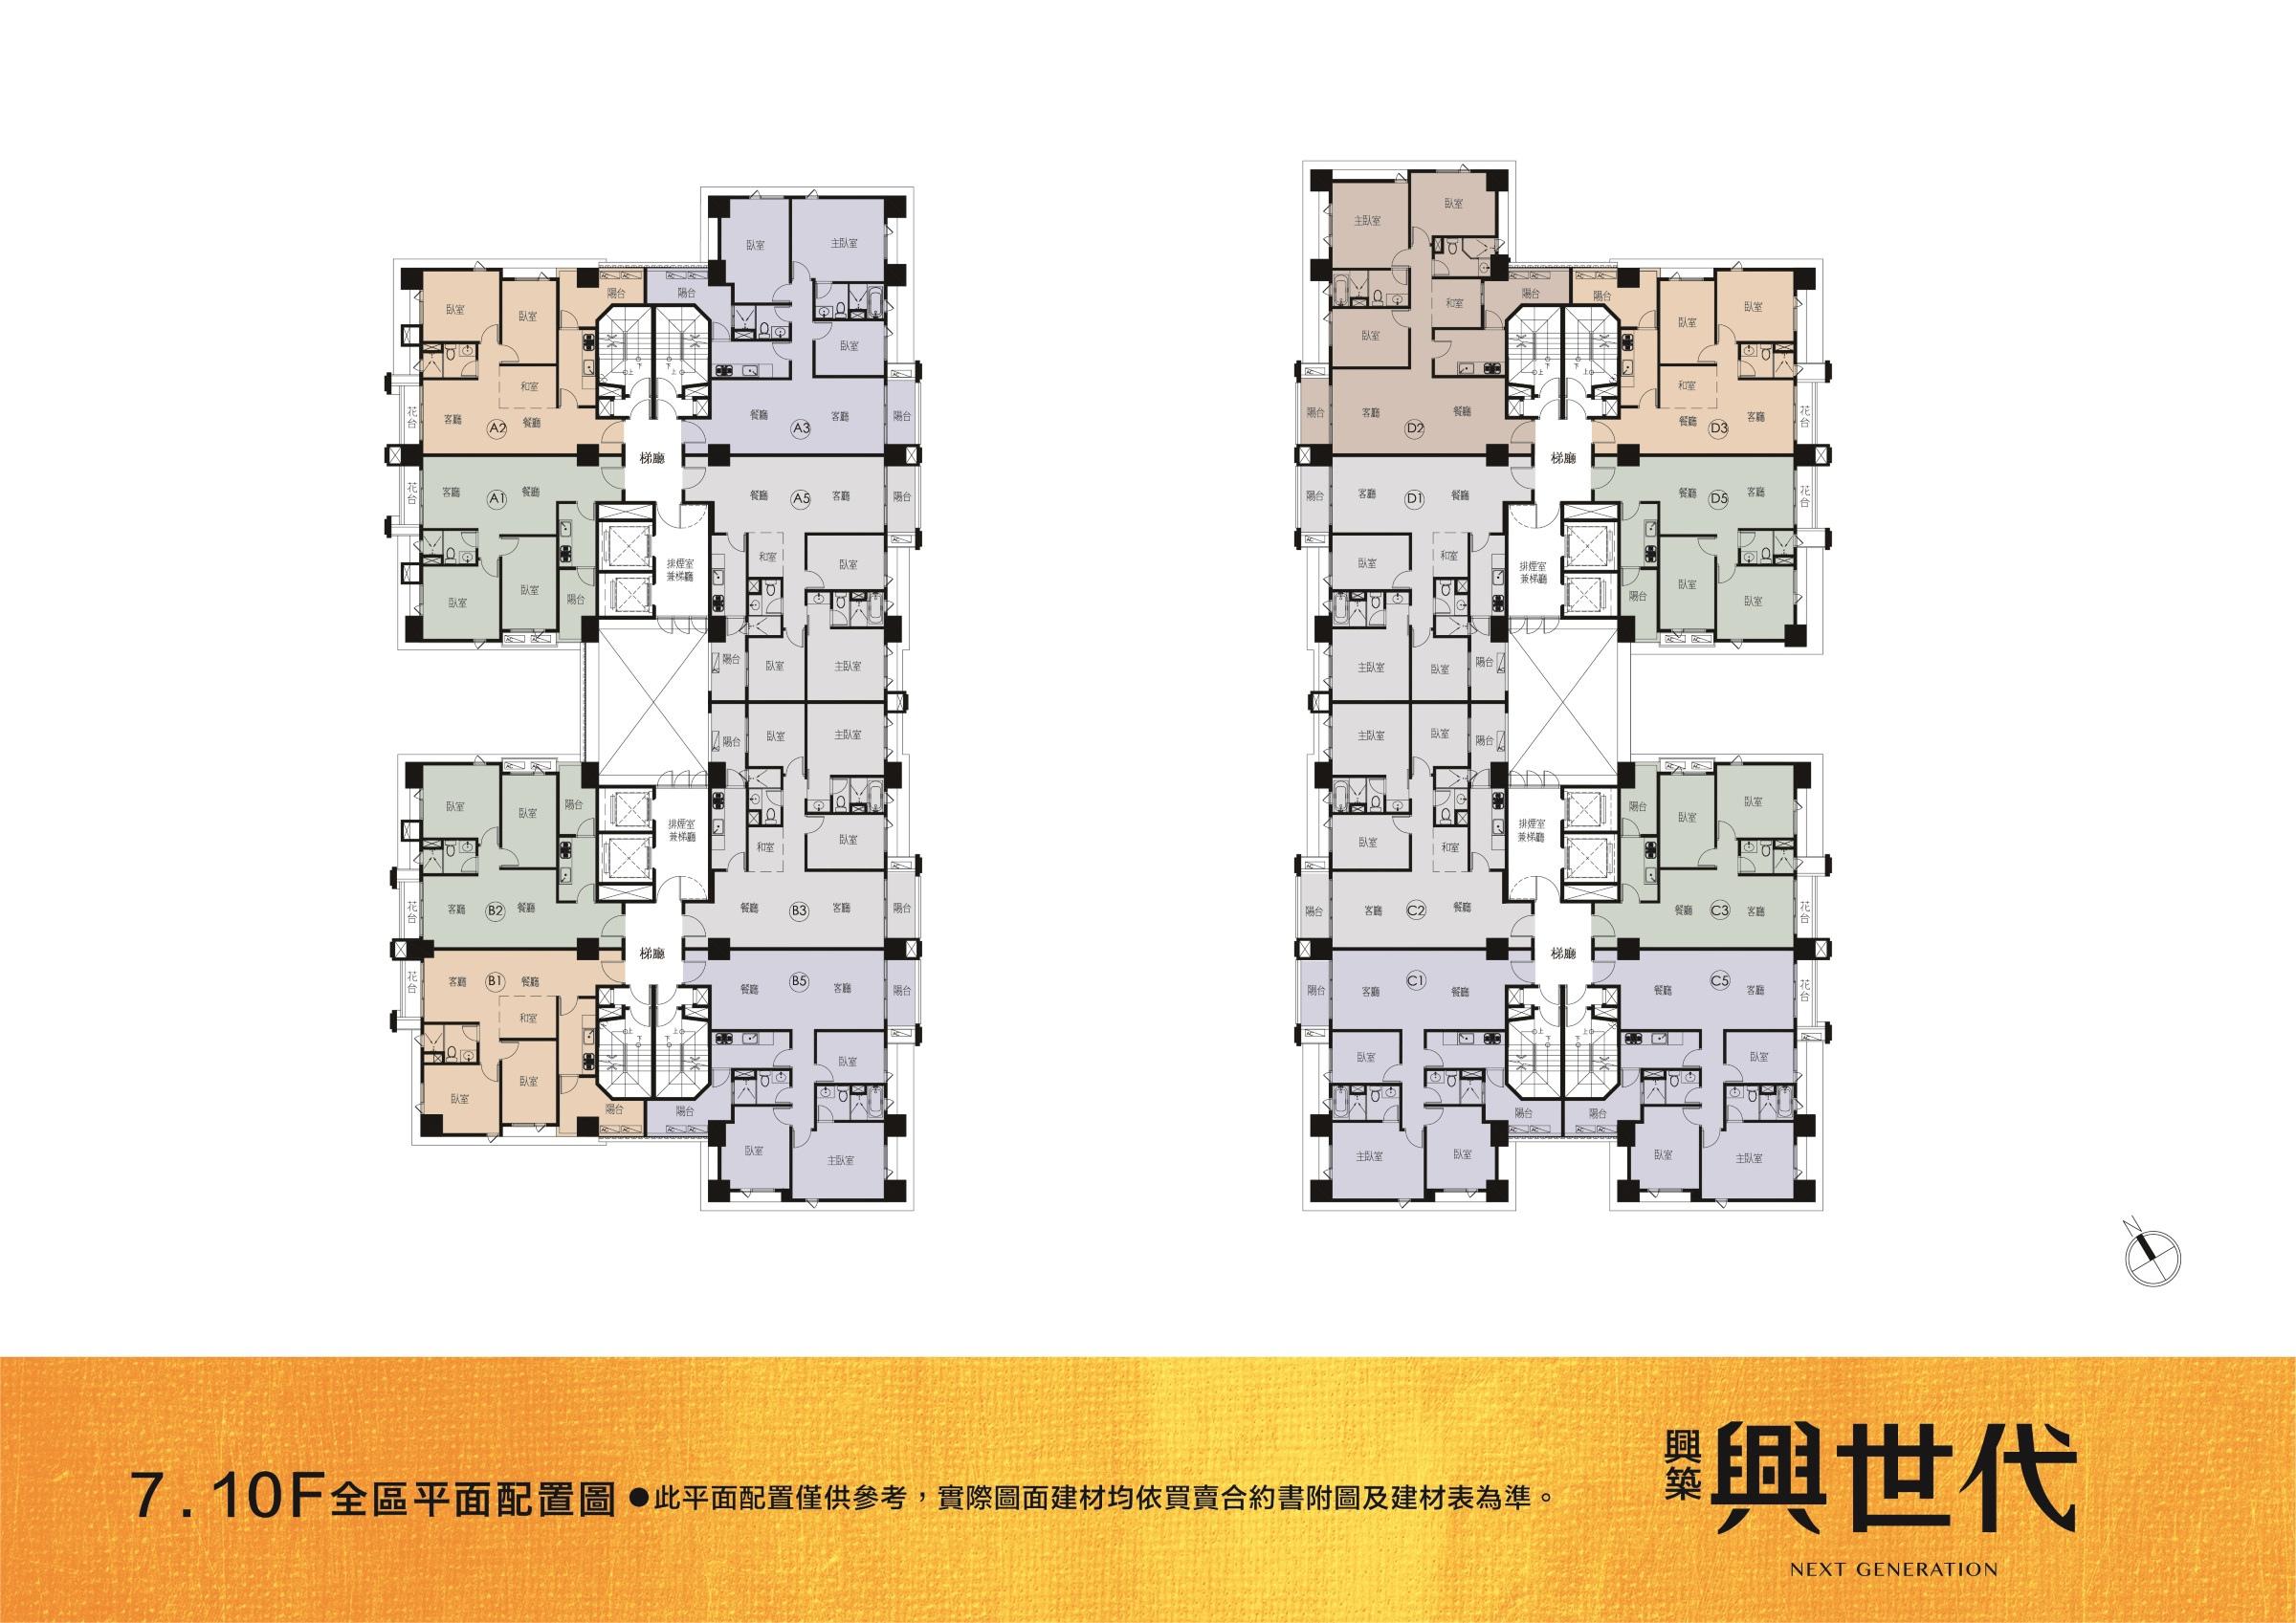 [新竹光埔] 興築建設-興世代(大樓)2015-03-11 025 7F,10F